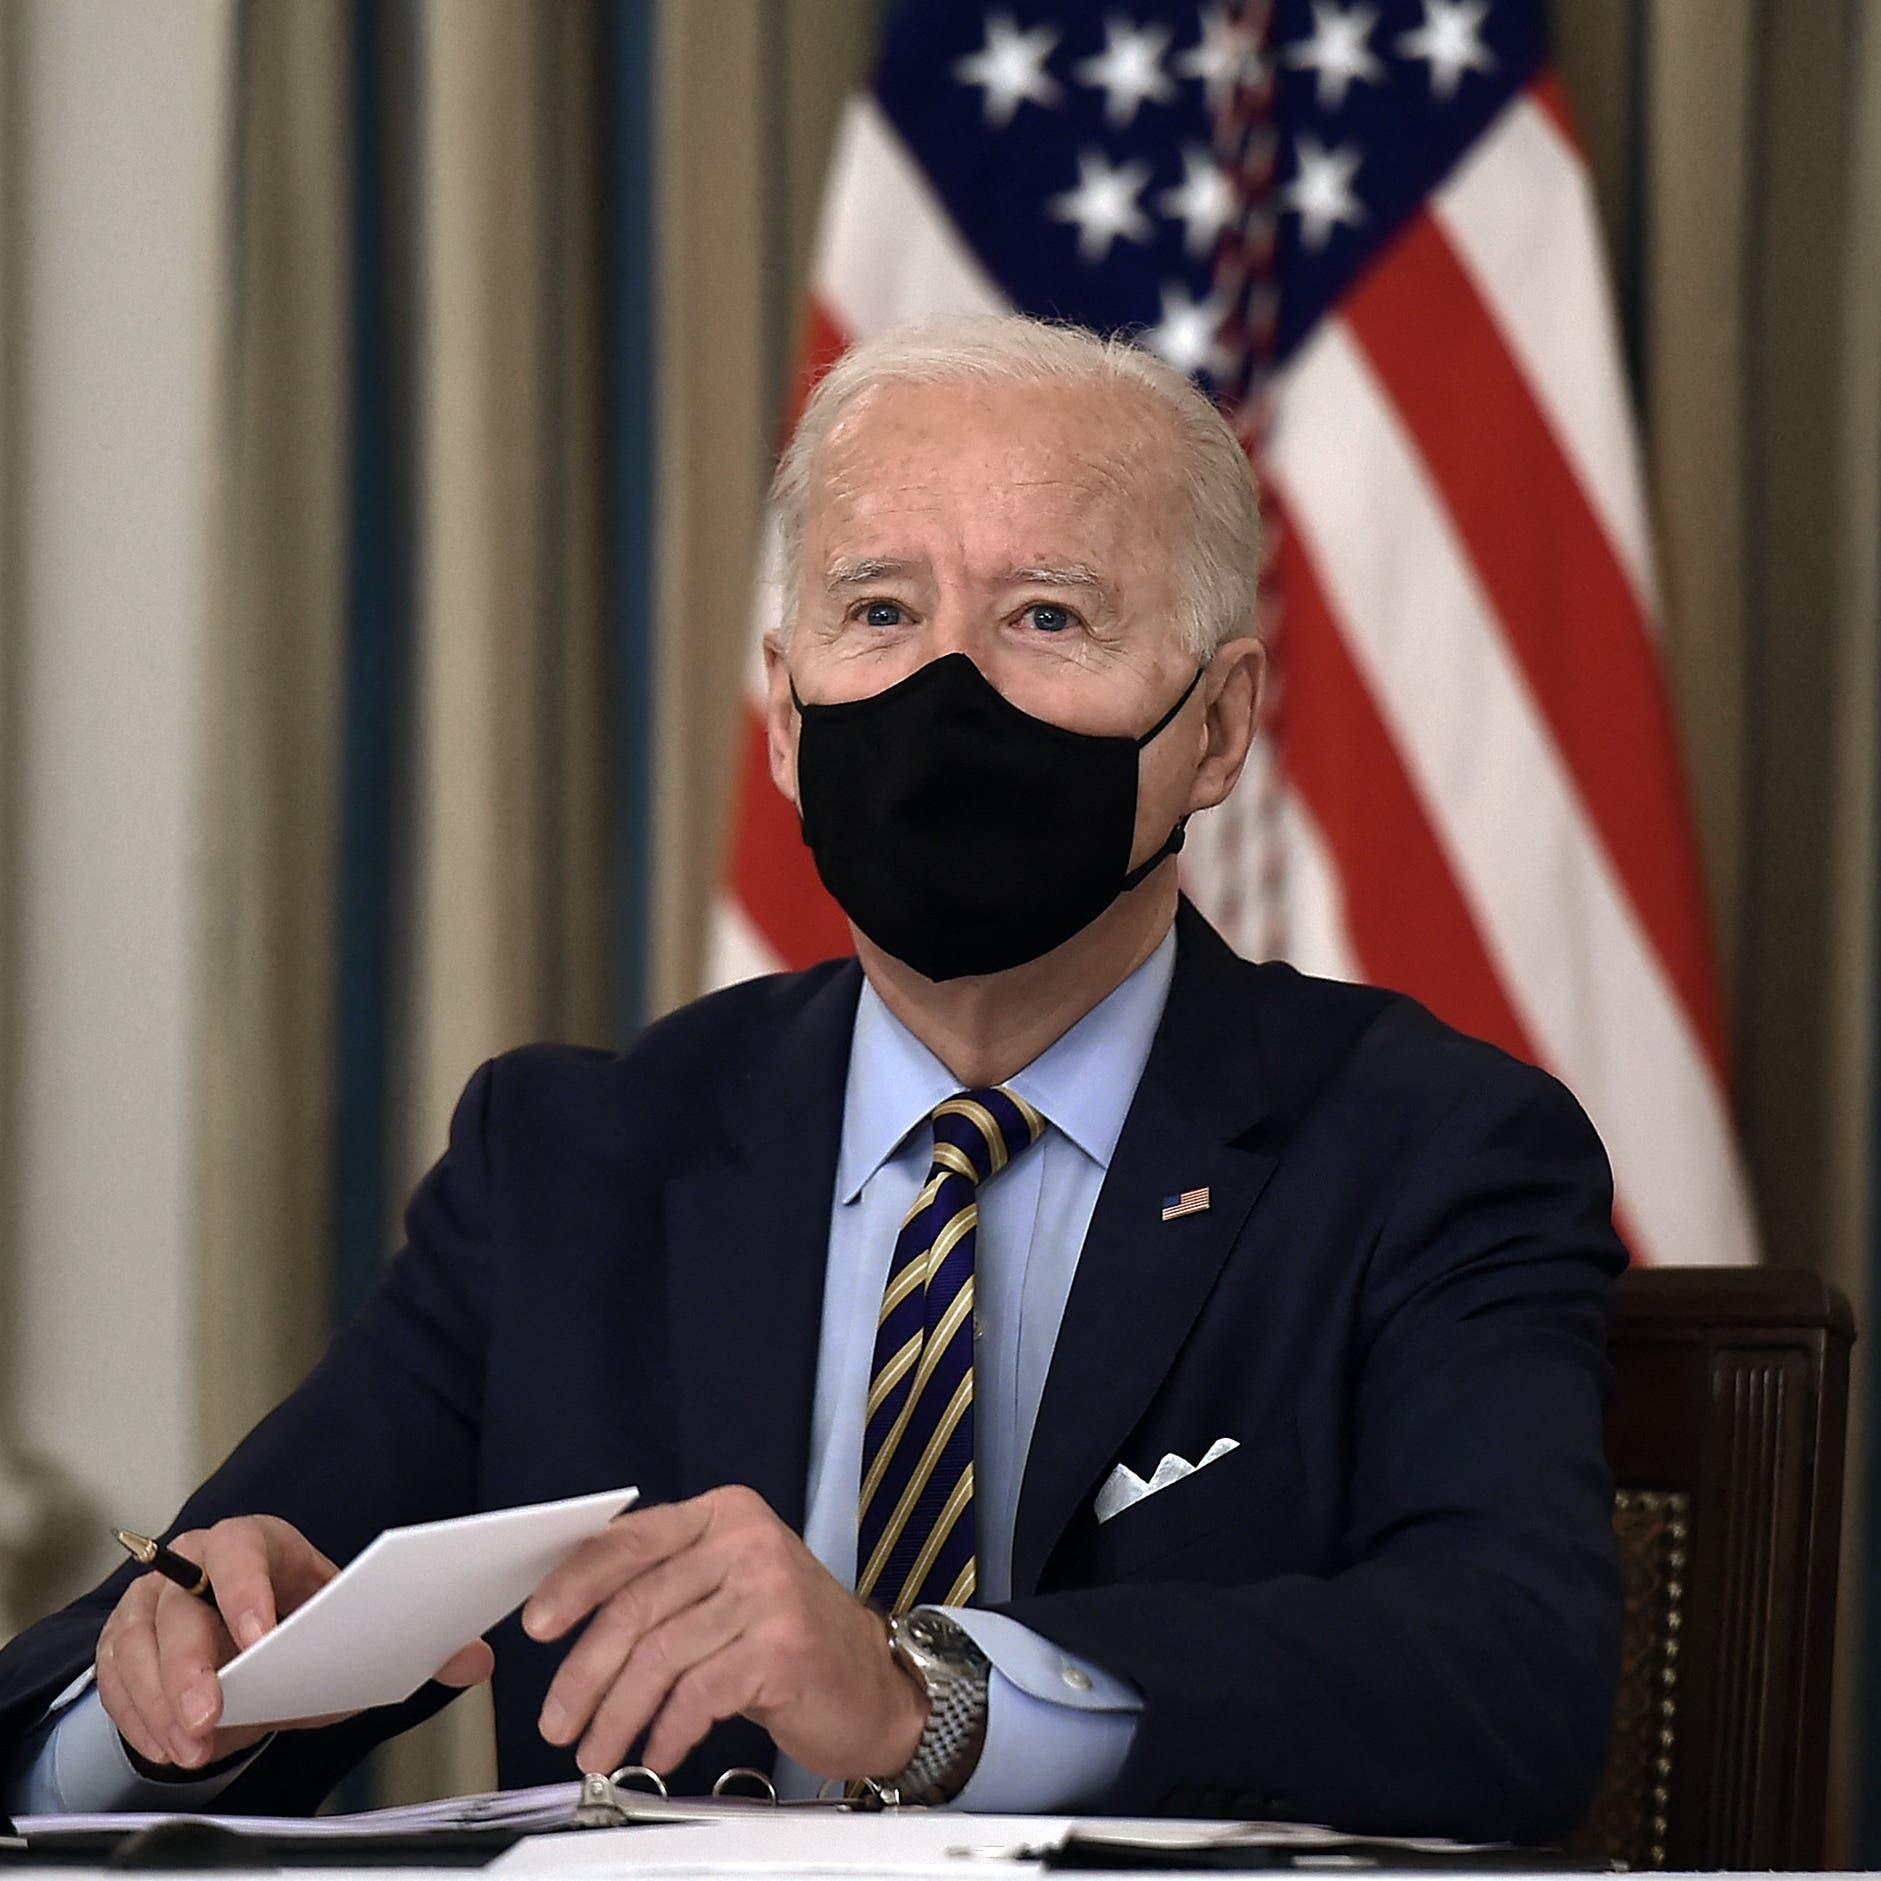 """موقع """"أكسيوس"""": بايدن يتحدث عن طريق طويل للاتفاق مع إيران"""